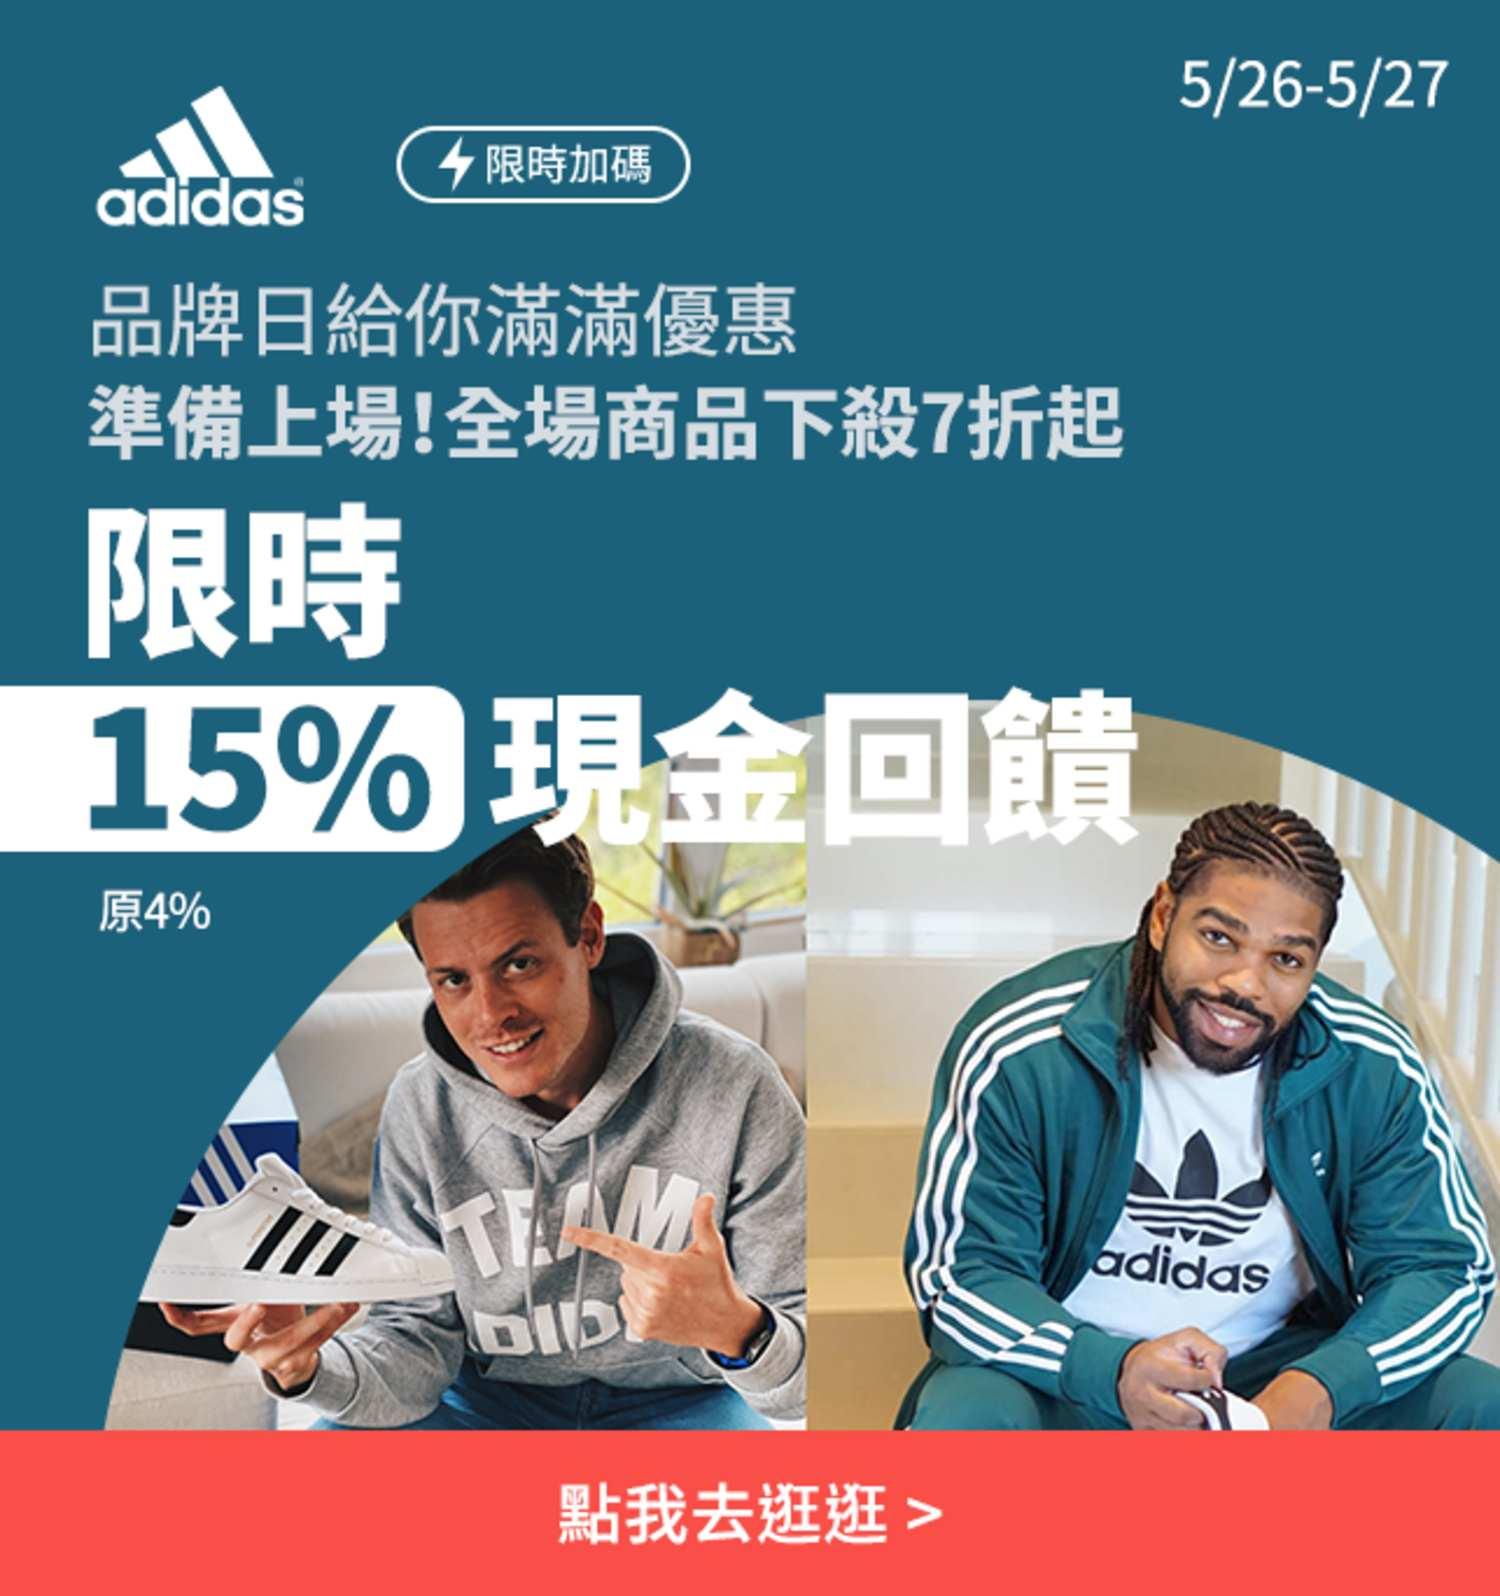 Adidas 5/26-5/27